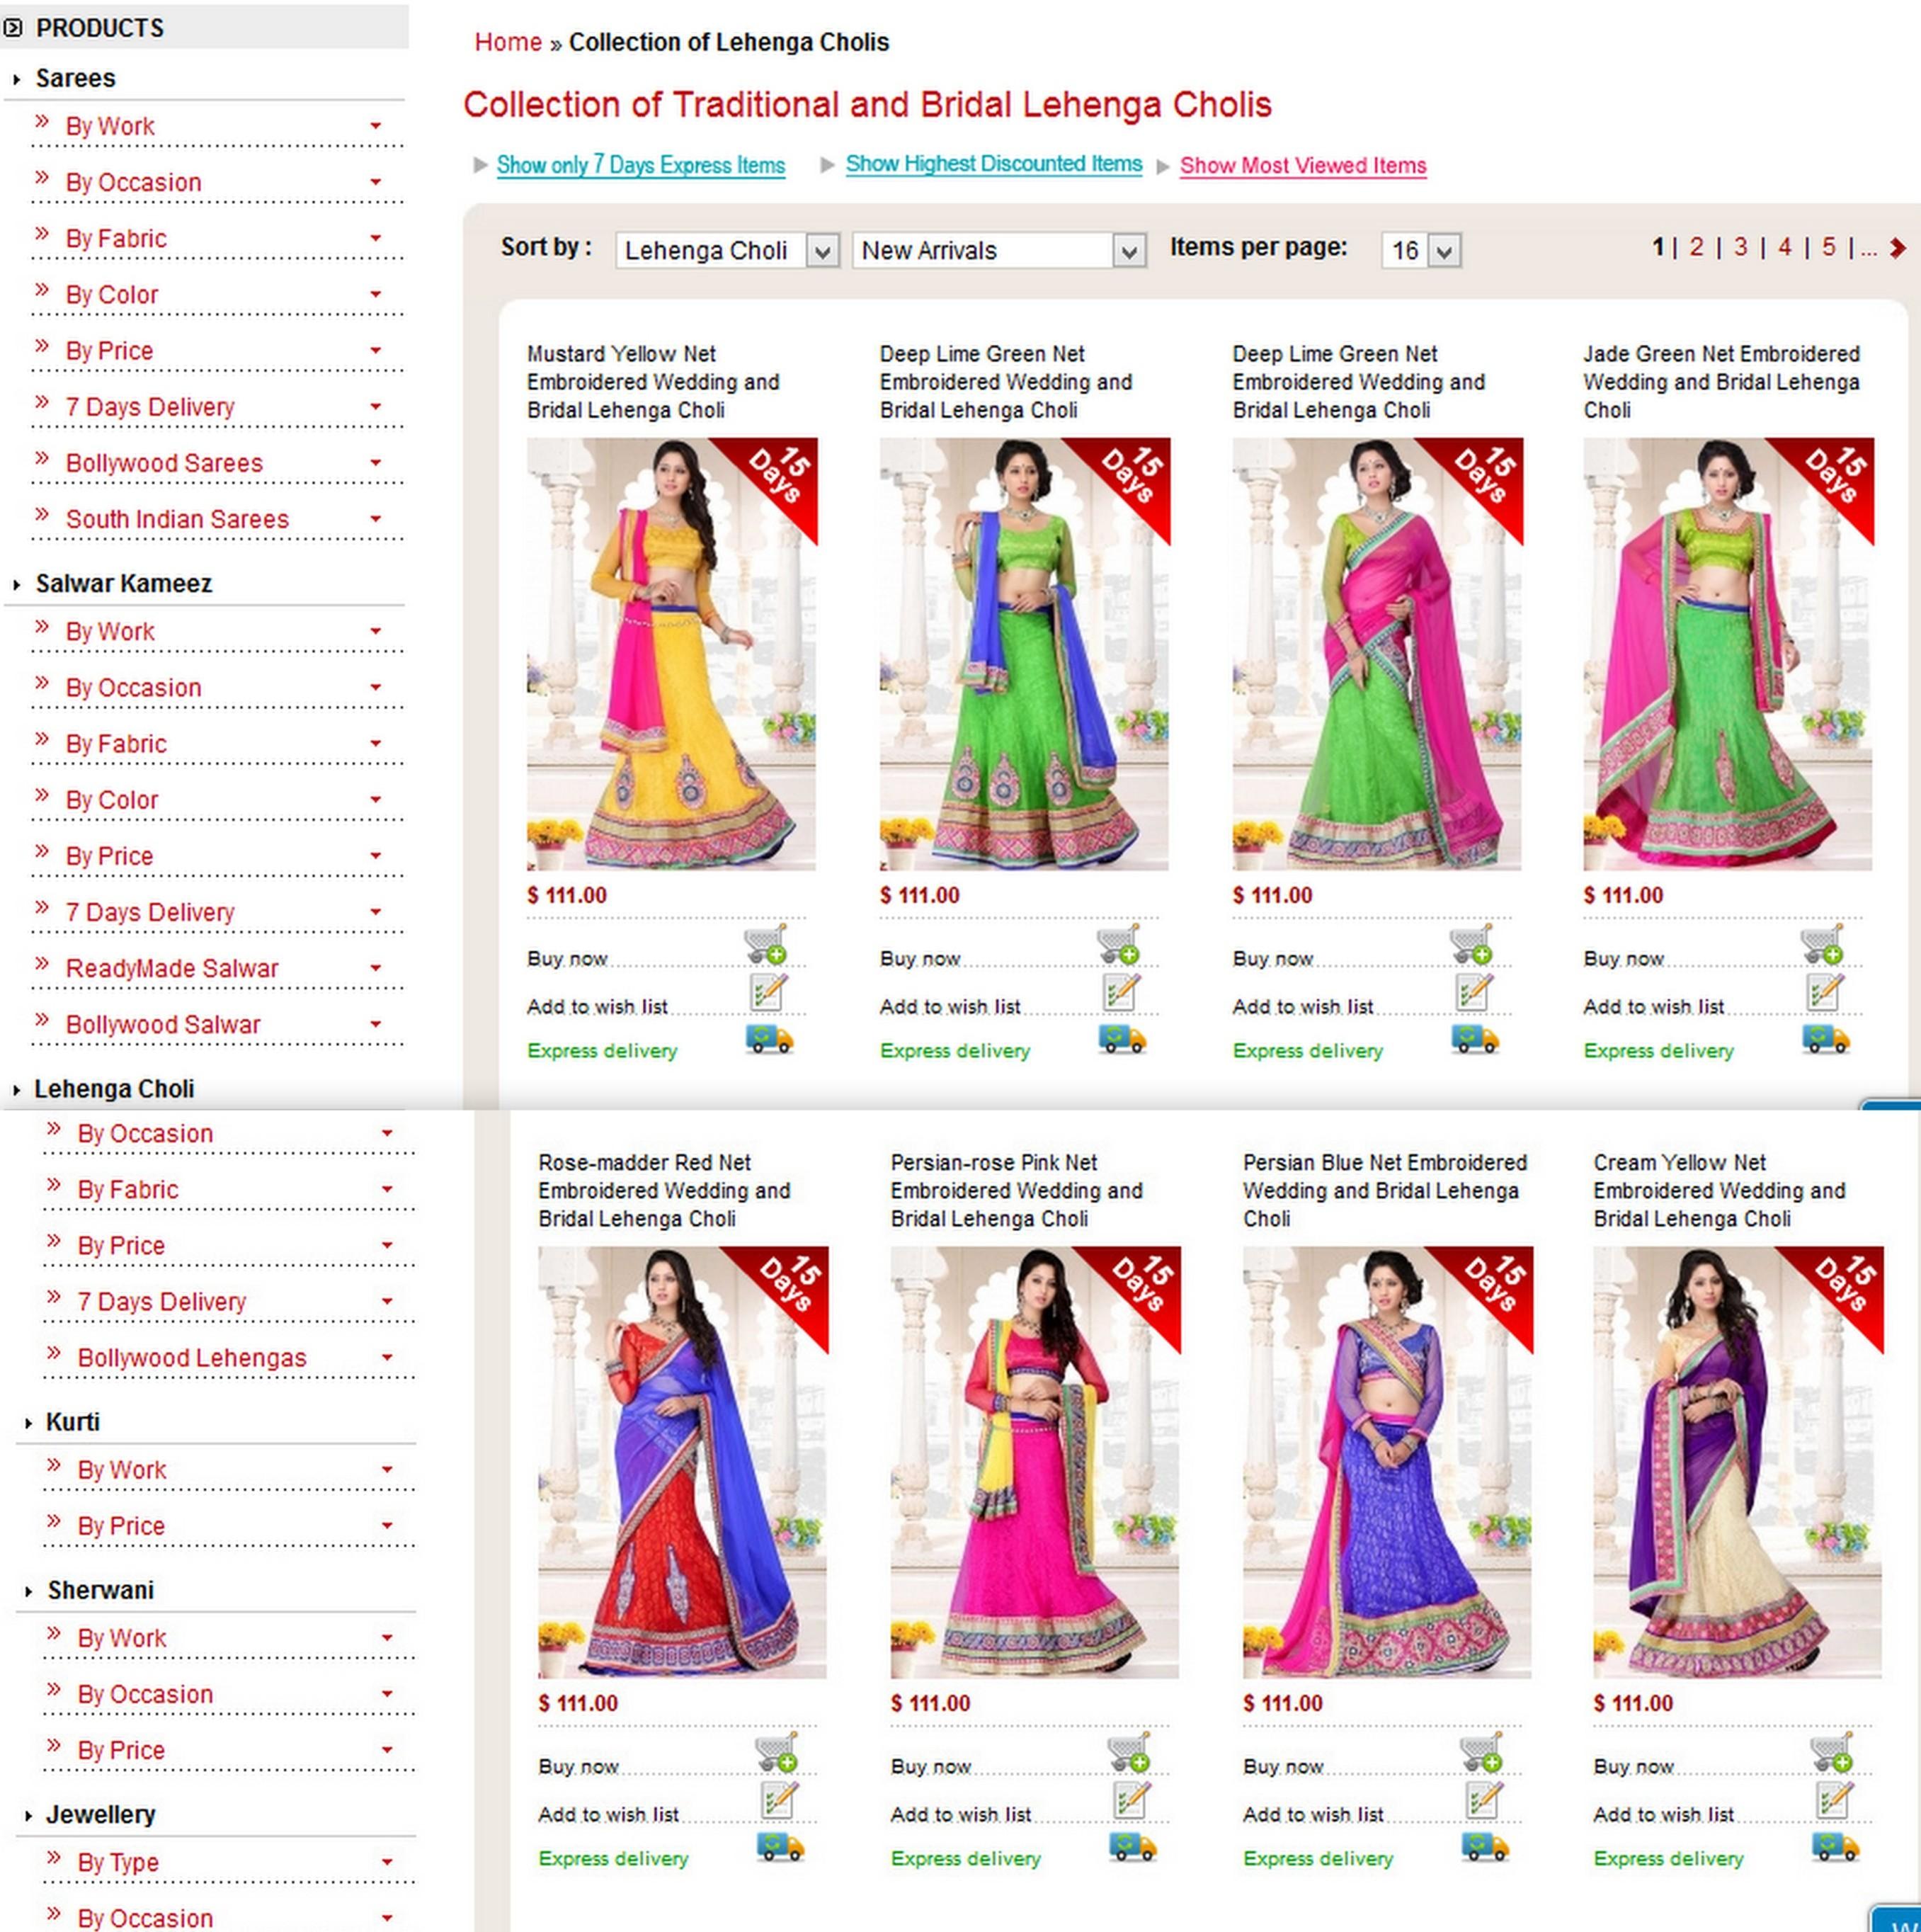 Sareez.com Website Review & Lehenga Collection